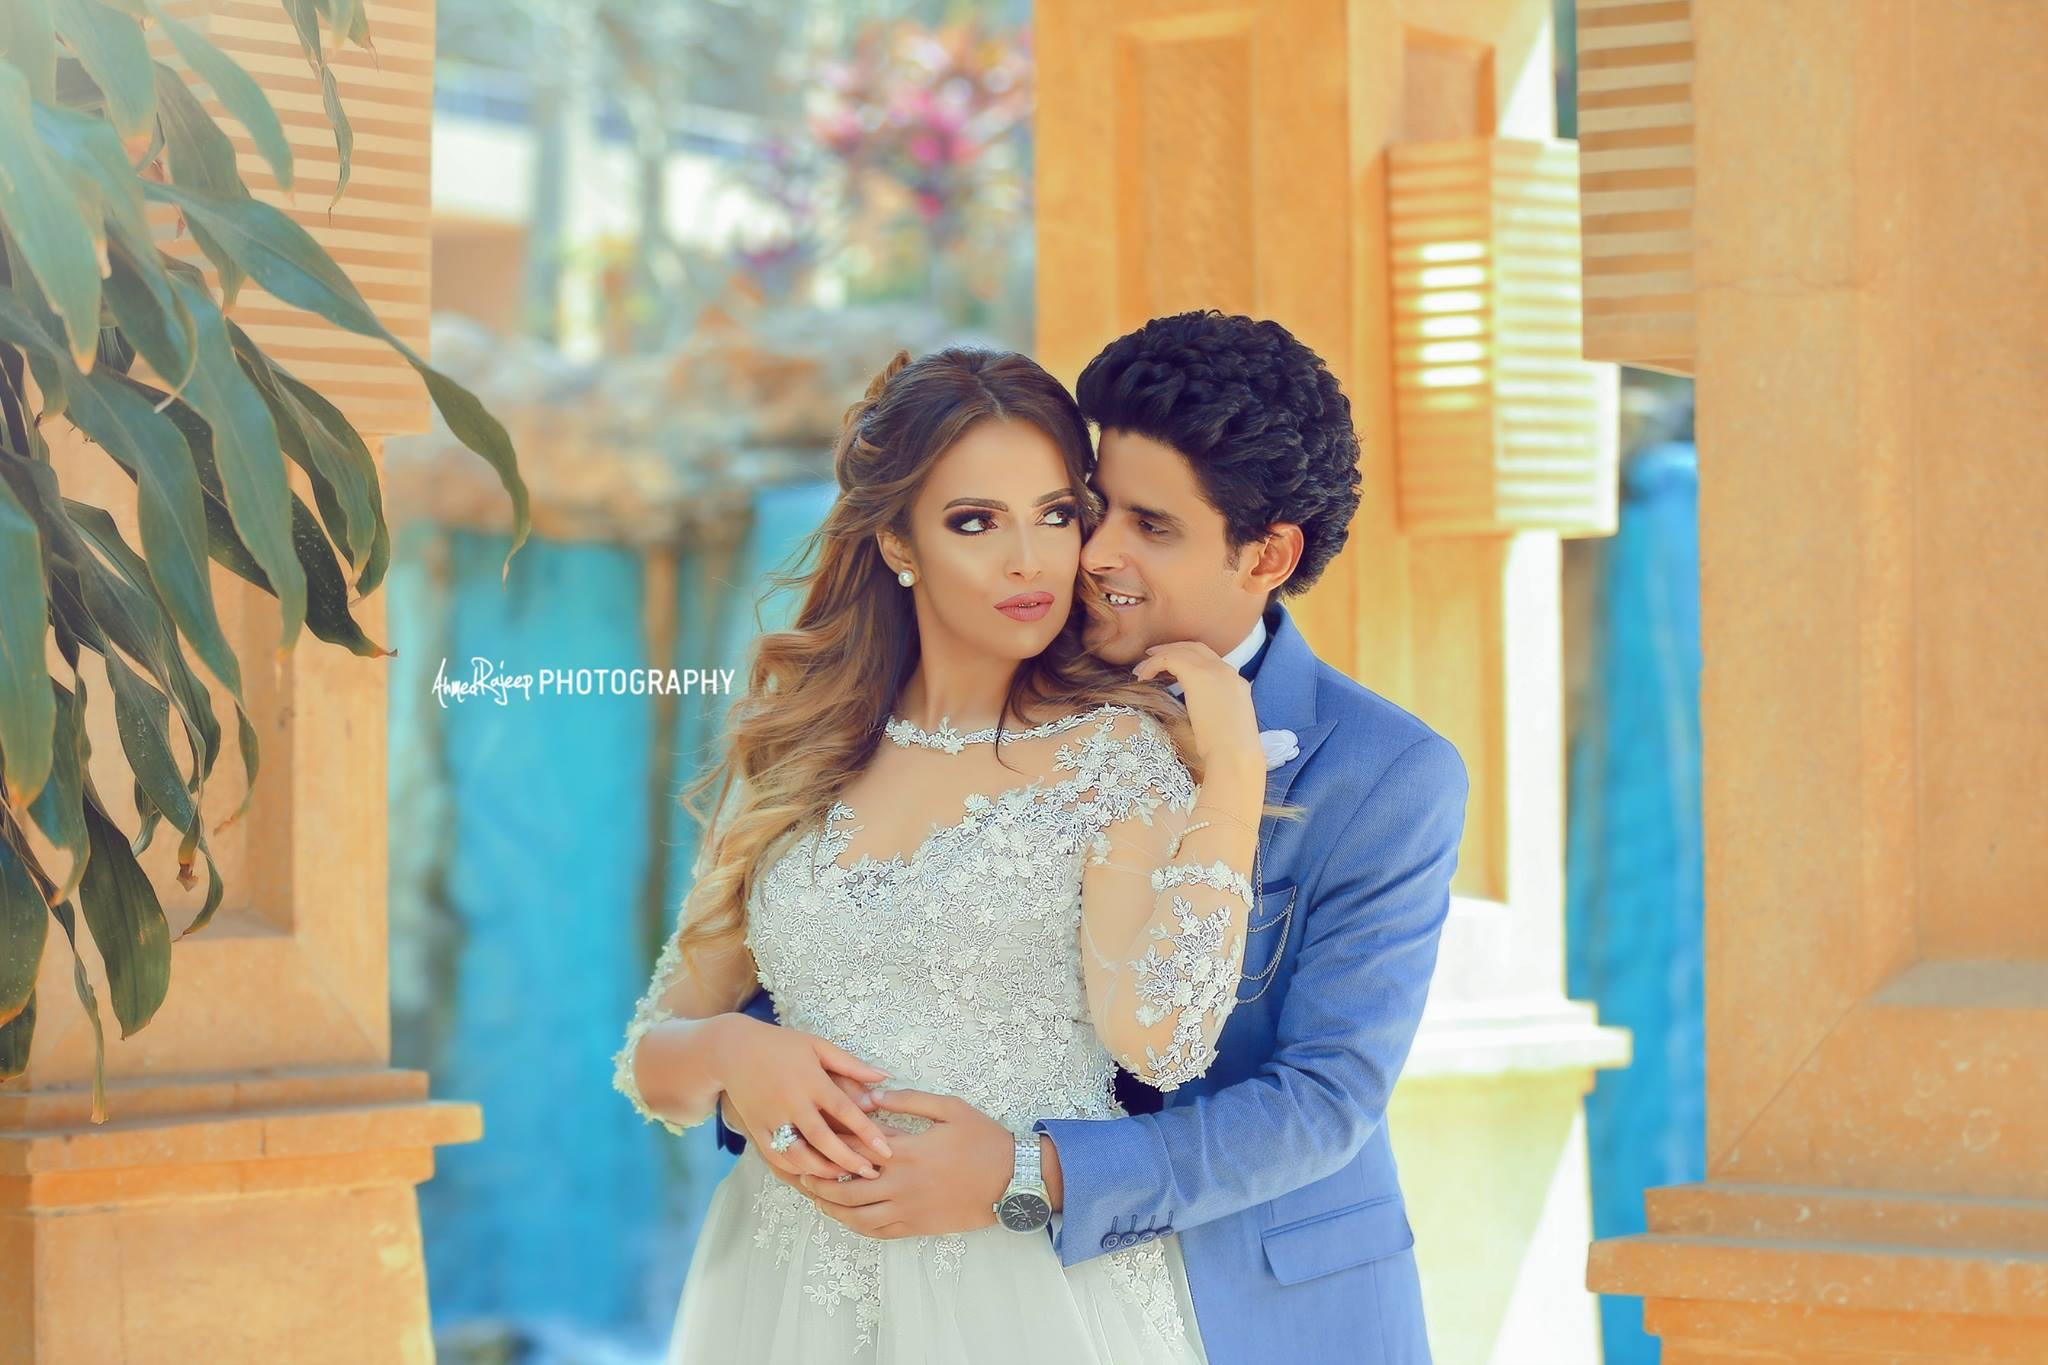 جلسة تصوير حفل زفاف حمدى الميرغنى واسراء عبد الفتاح (9)